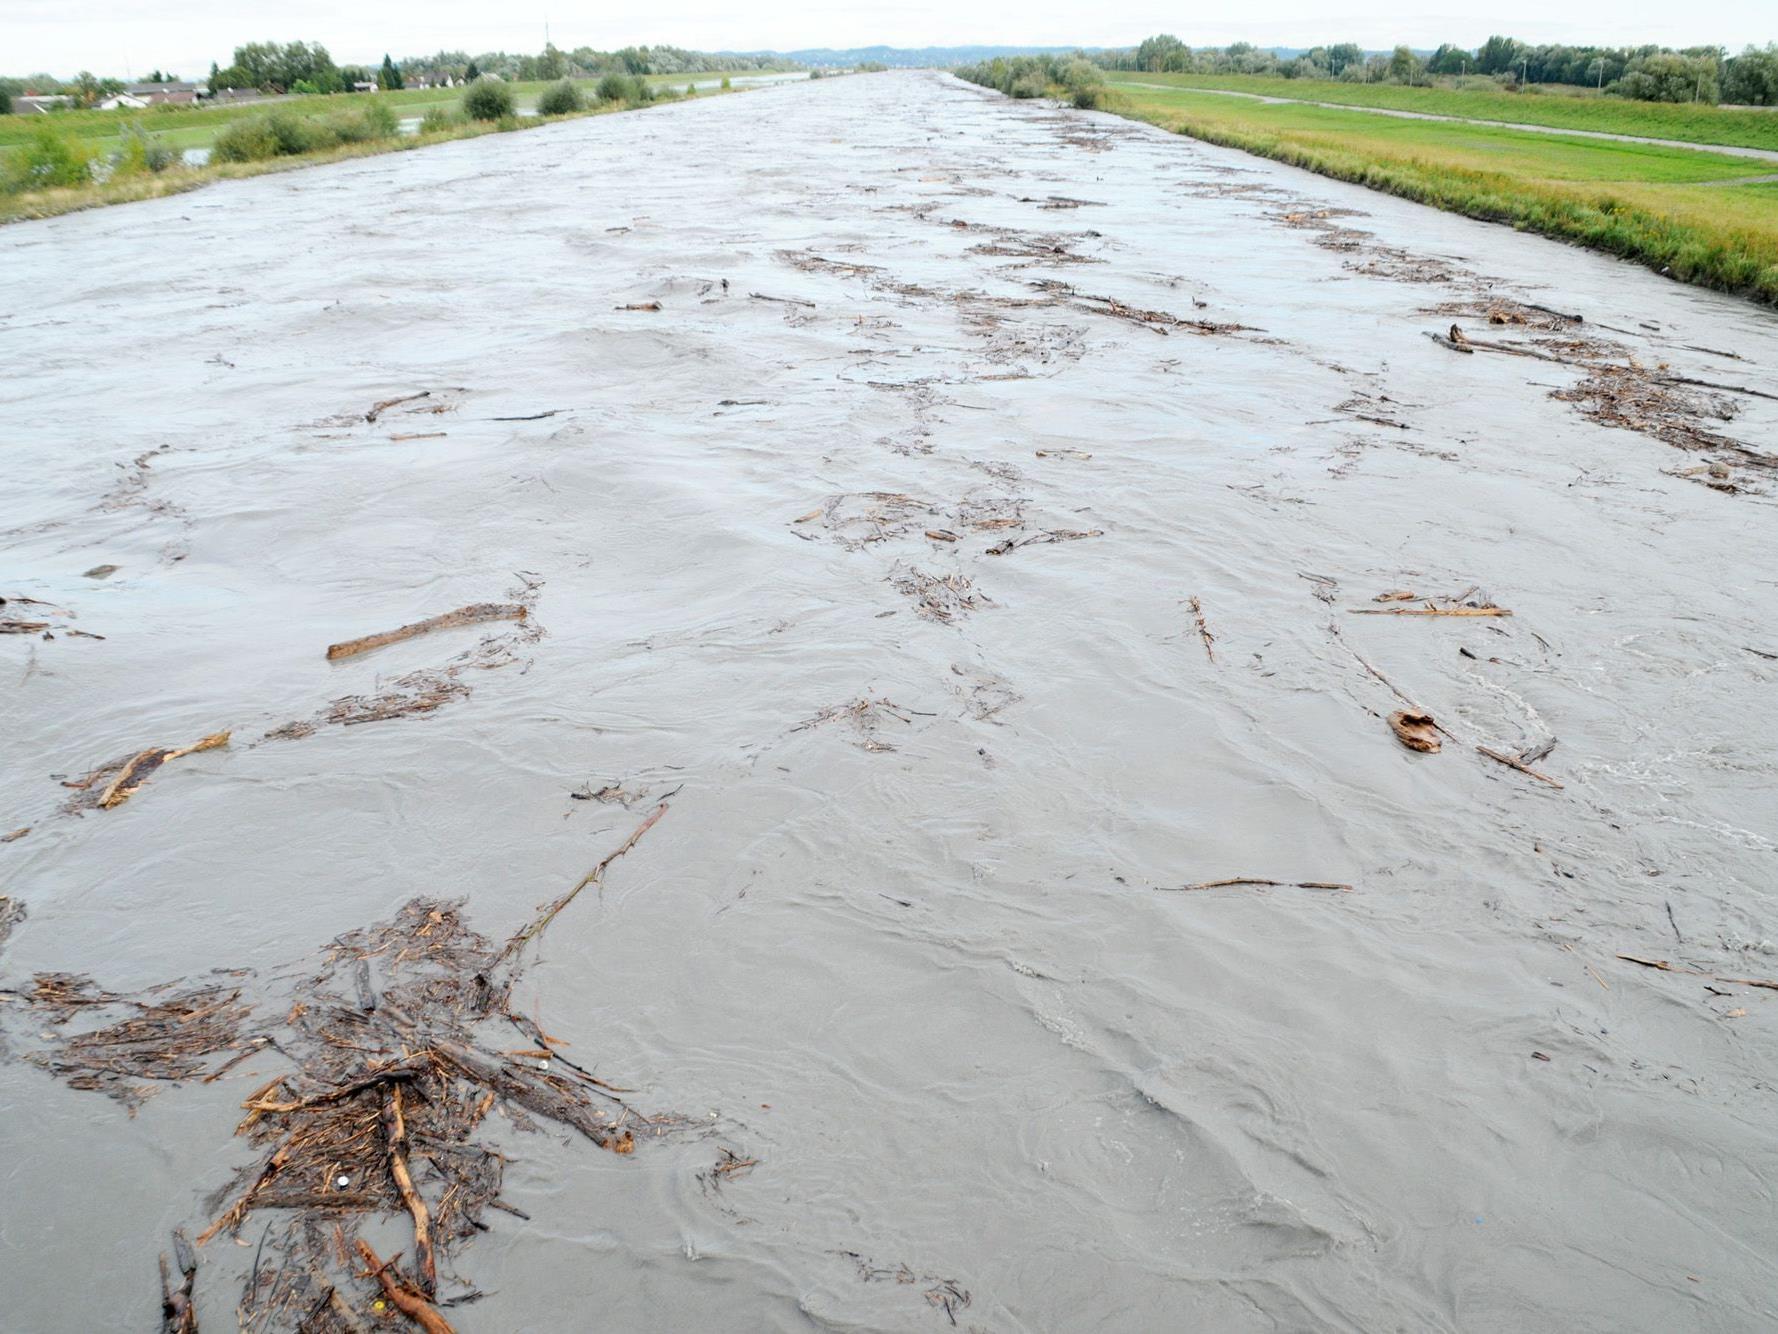 Der übervolle Rhein führte gewaltige Holzmengen mit sich. Aufnahme an der Rheinbrücke Hard-Fußach